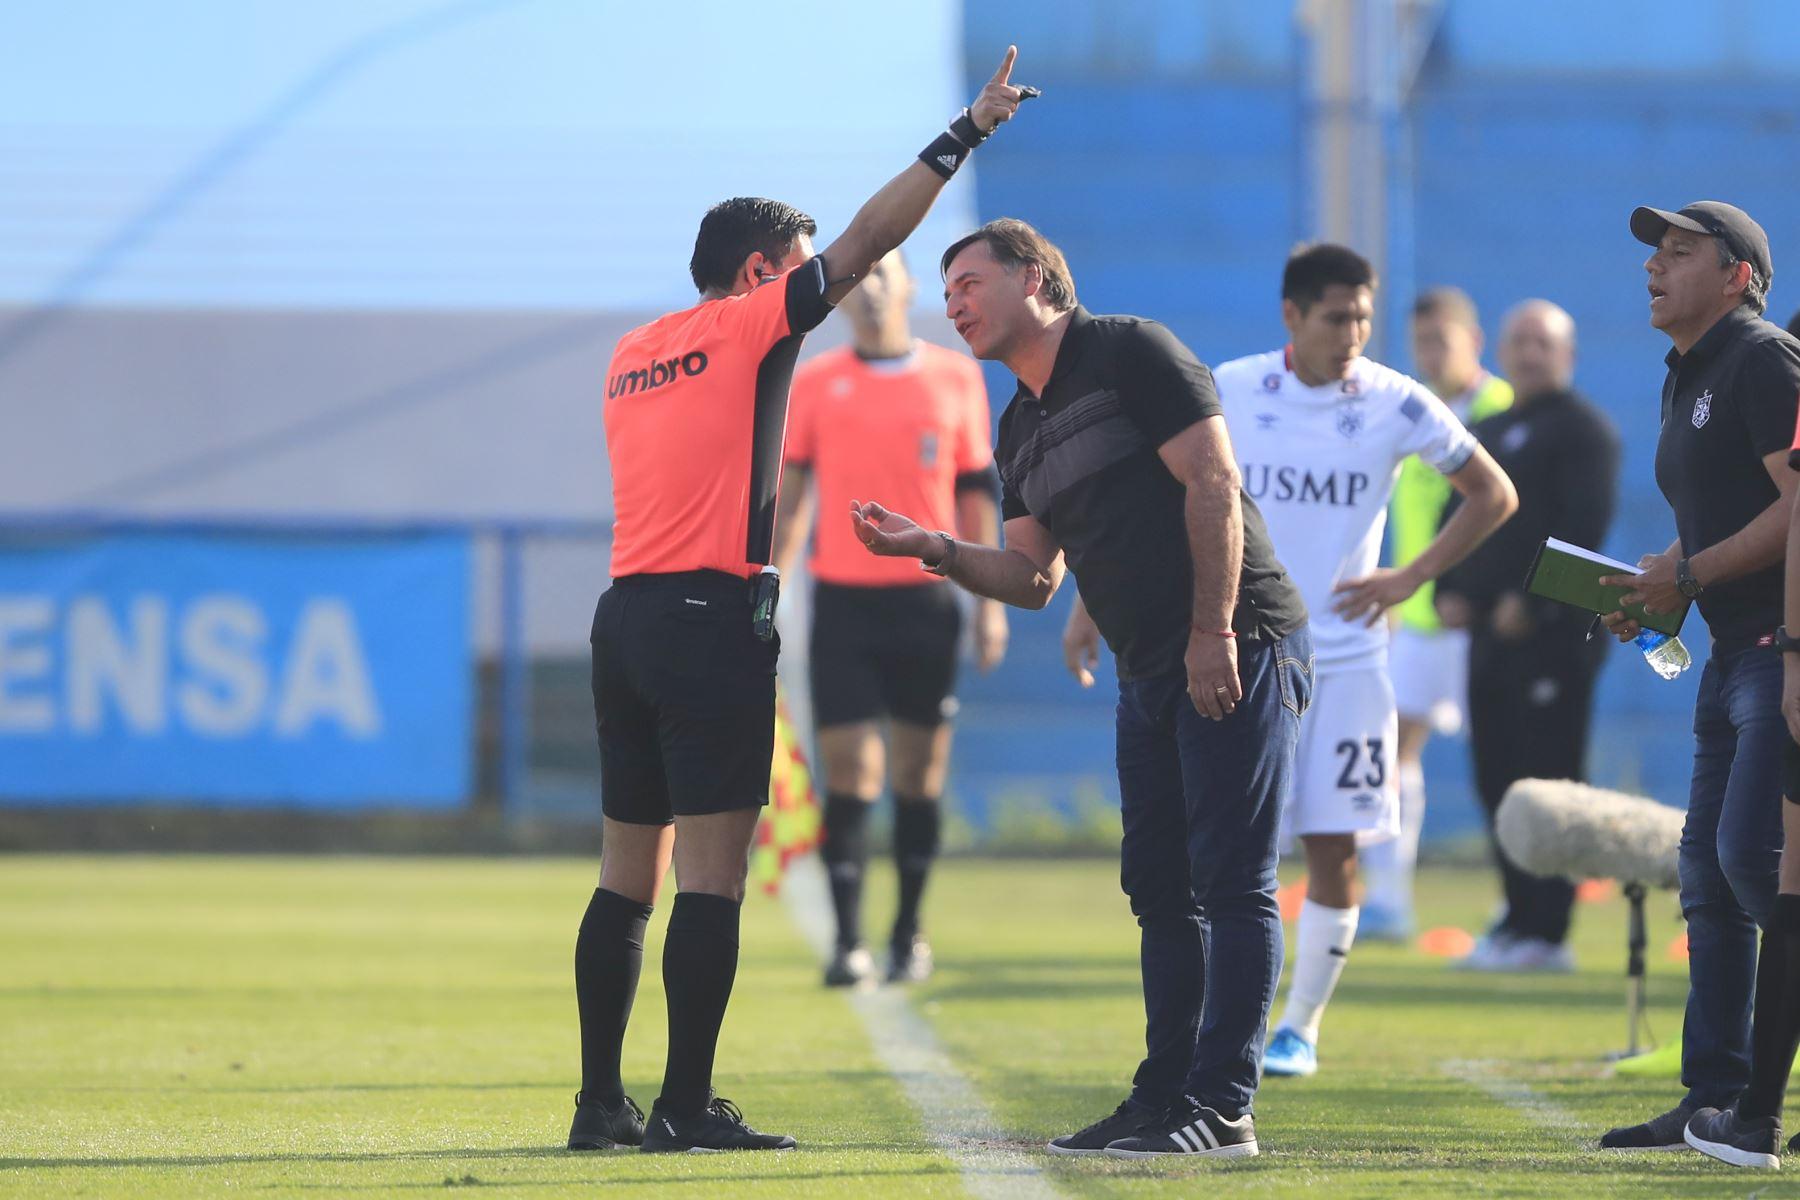 Entrenador de la San Martín, Carlos Bustos, reclamando al árbitro durante el partido contra Alianza Lima jugado en el estadio Alberto Gallardo.          Foto: Andina/Juan Carlos Guzmán Negrini